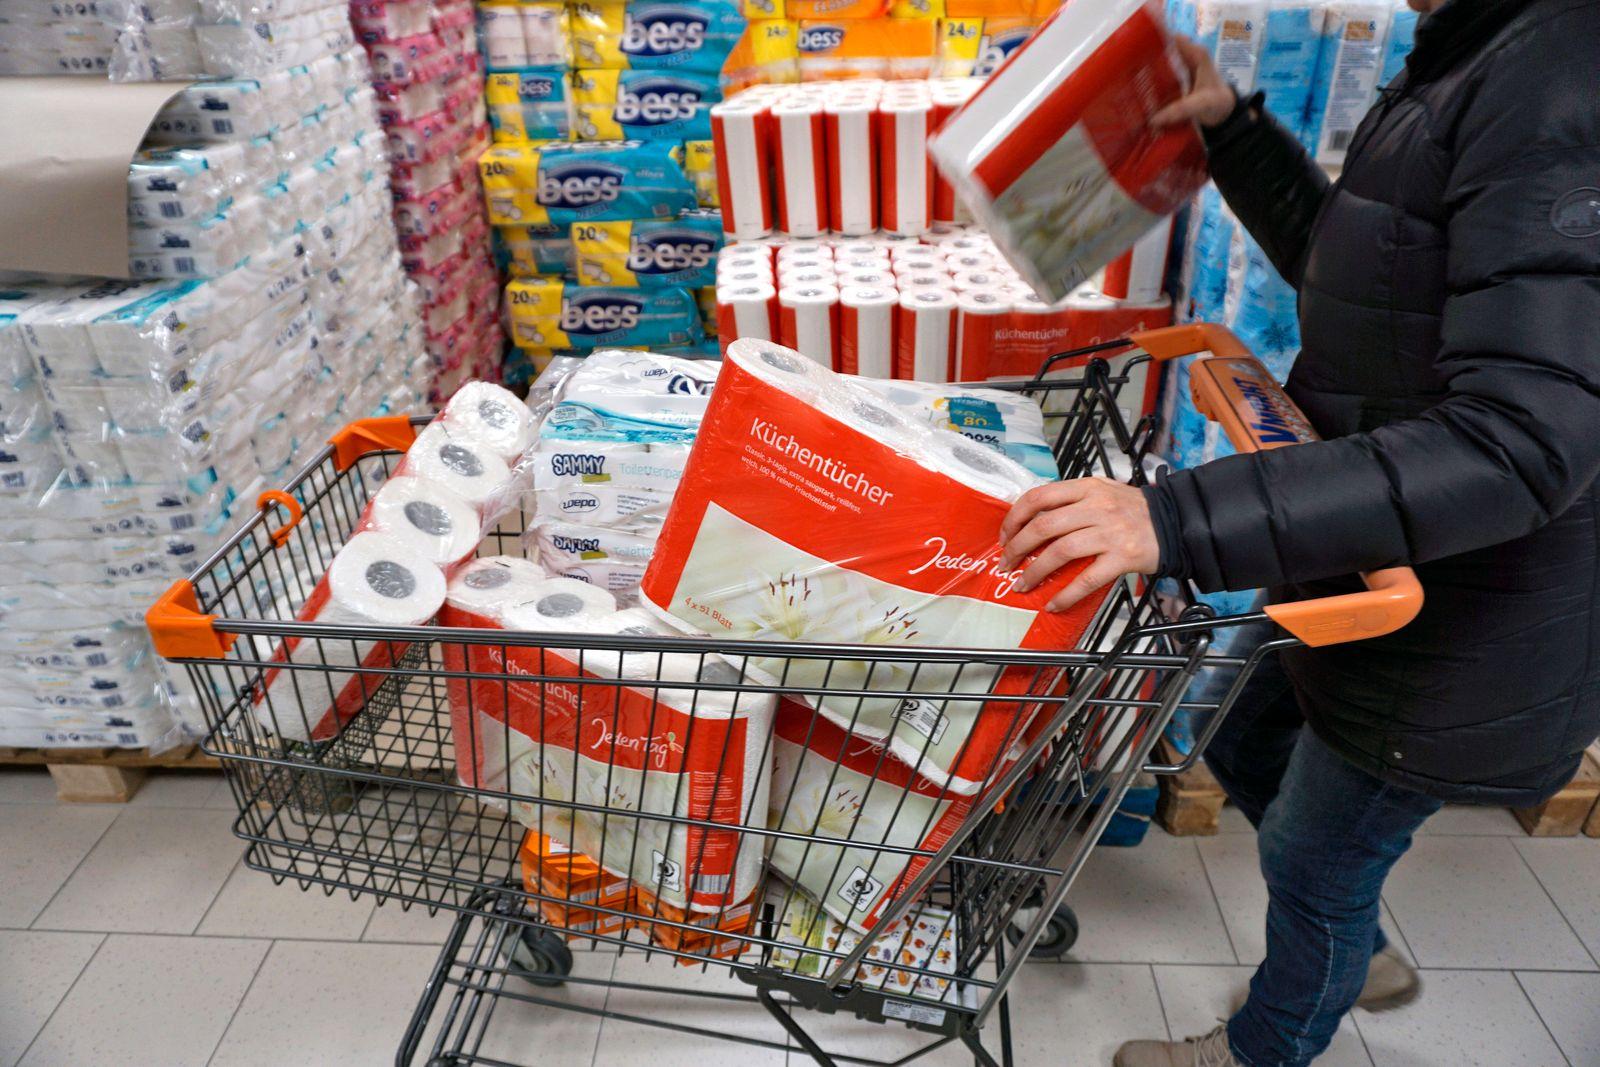 28.02.2020, Hamsterkäufe wegen Corona-Virus, Frau kauft große Mengen an Papiertüchern und Klopapier zur Überbrückung ein